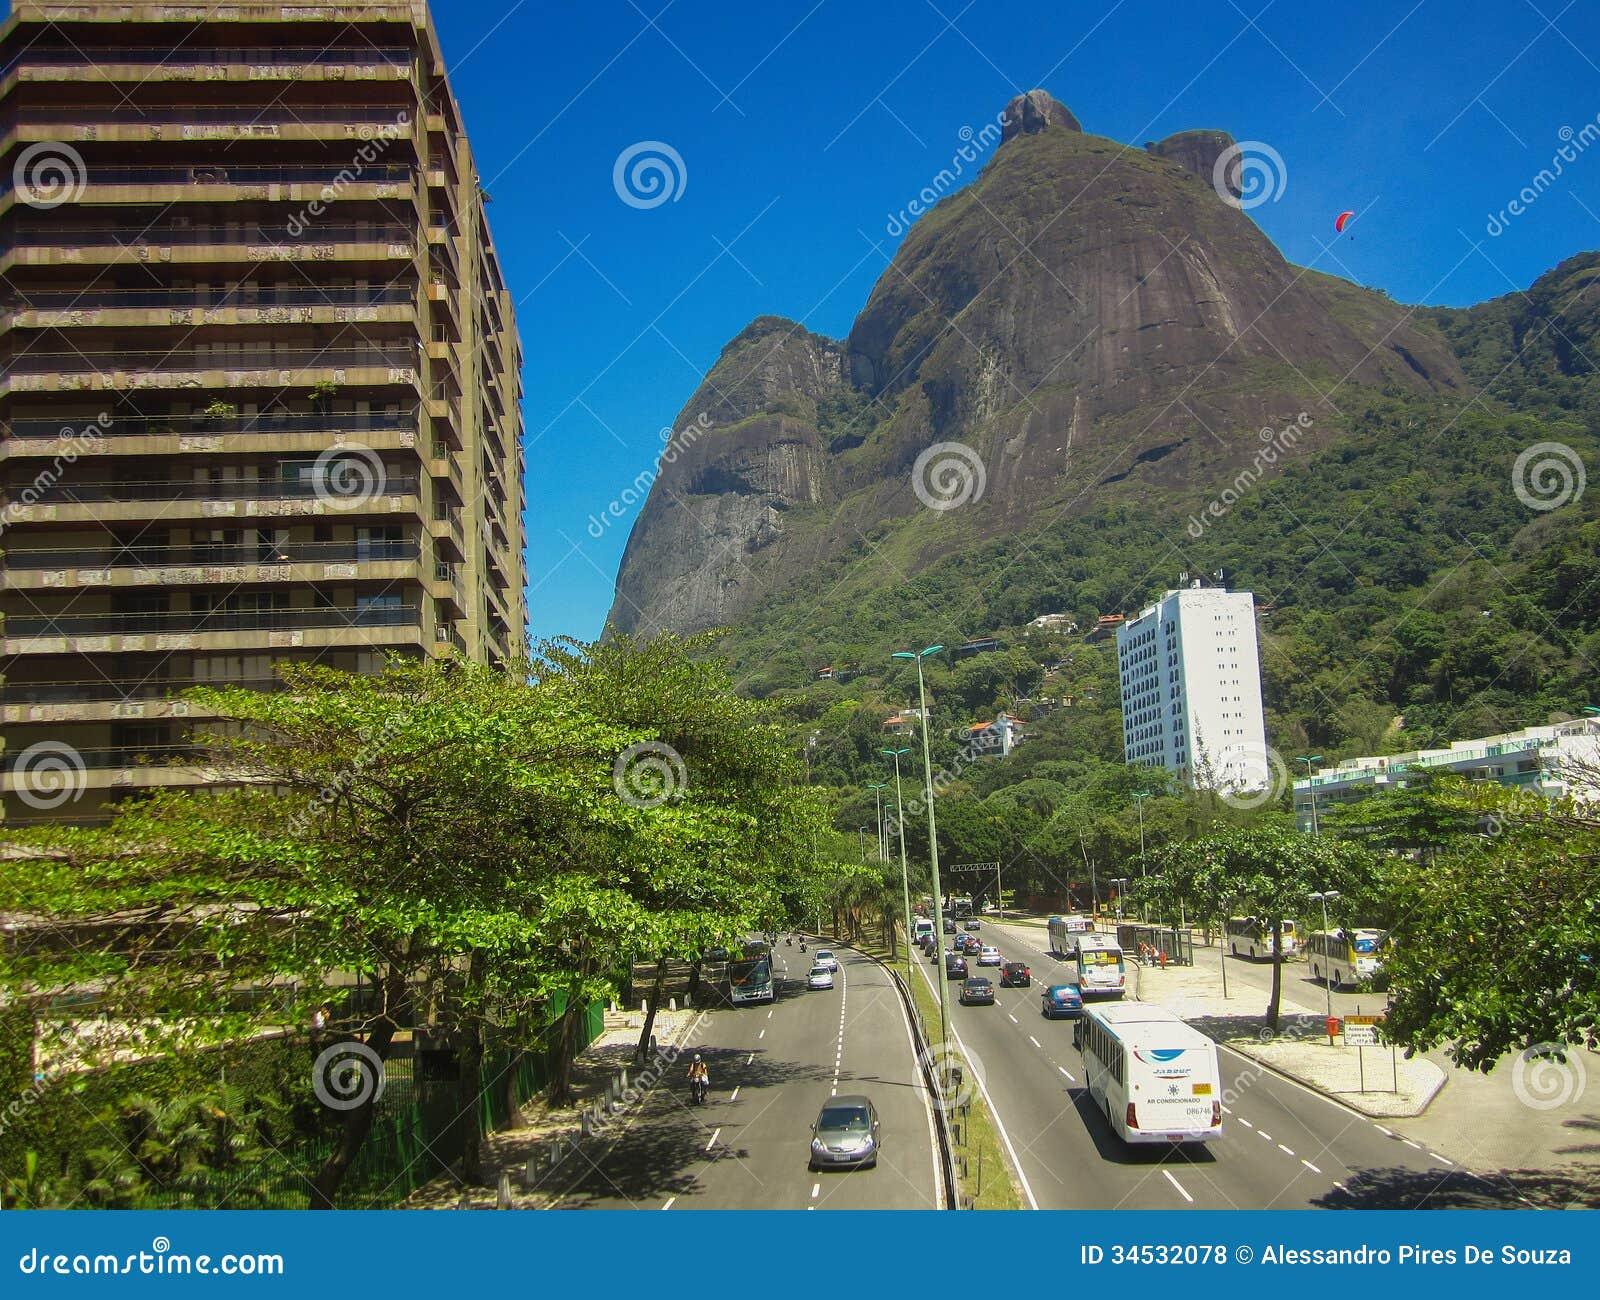 Gavea Stone Pedra Da Gavea Rio De Janeiro Editorial